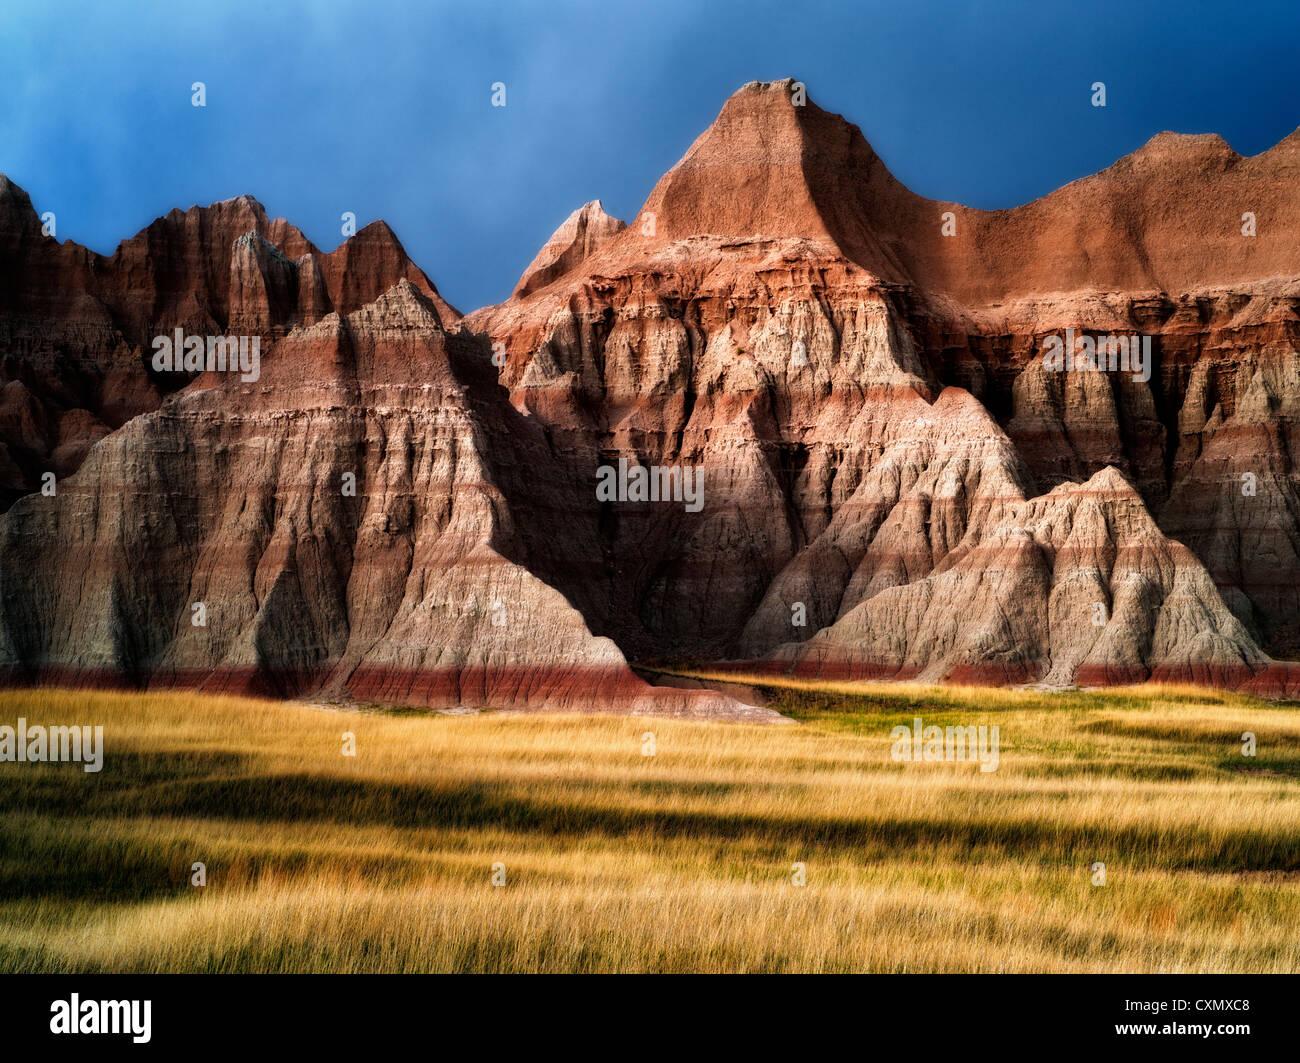 Pradera de hierba y rocas multicolores. El Parque Nacional Badlands, Dakota del Sur. Imagen De Stock